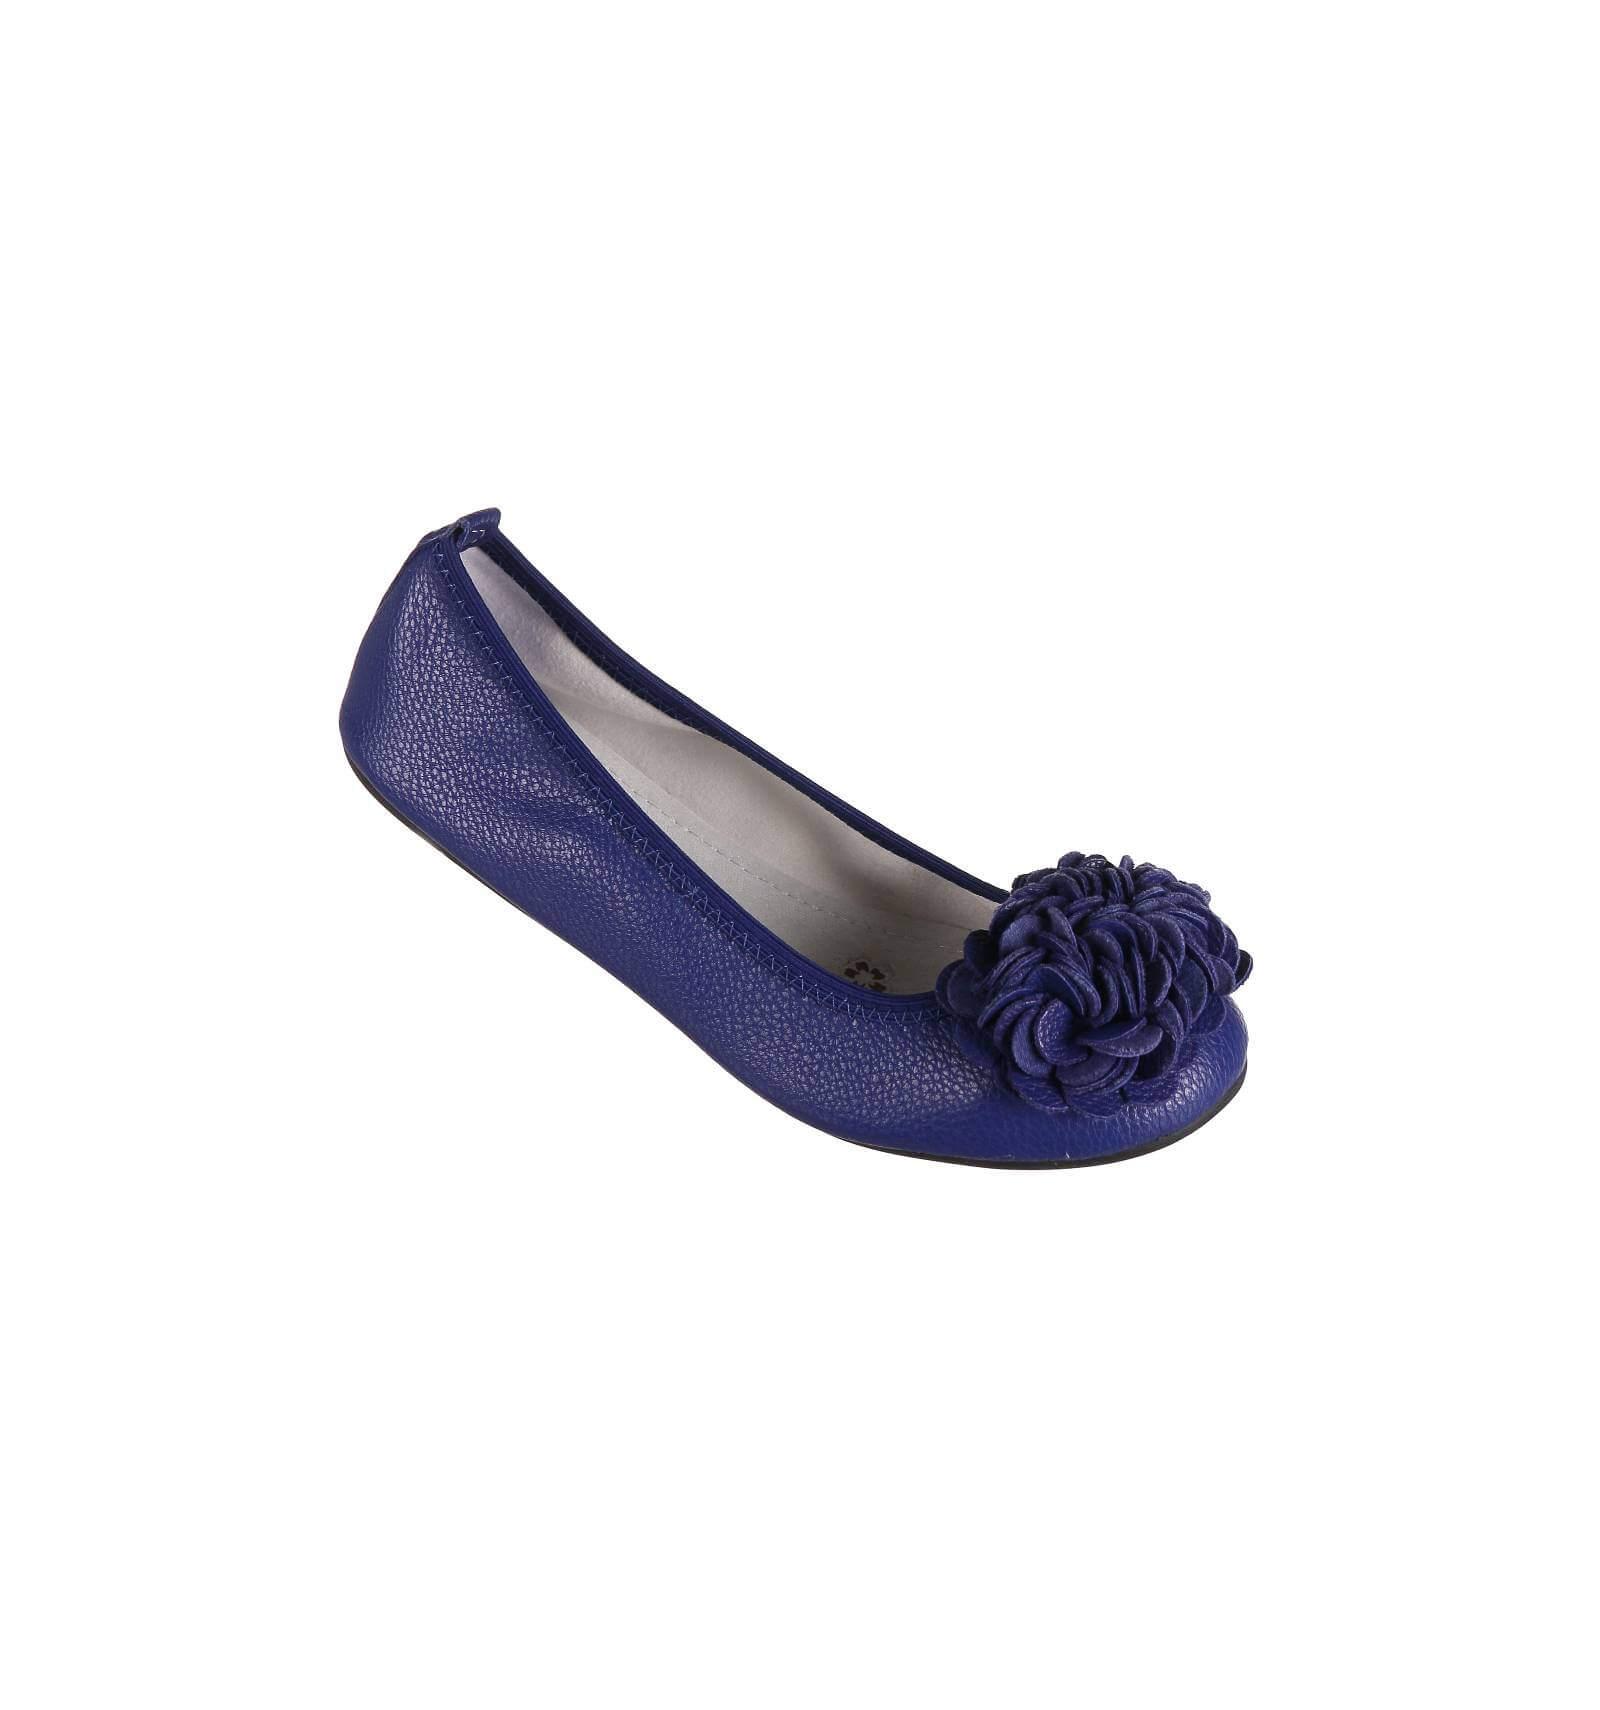 Ballerine bleu électrique pour femme simili cuir à fleurs MONCEAU 0c4207fbed2d